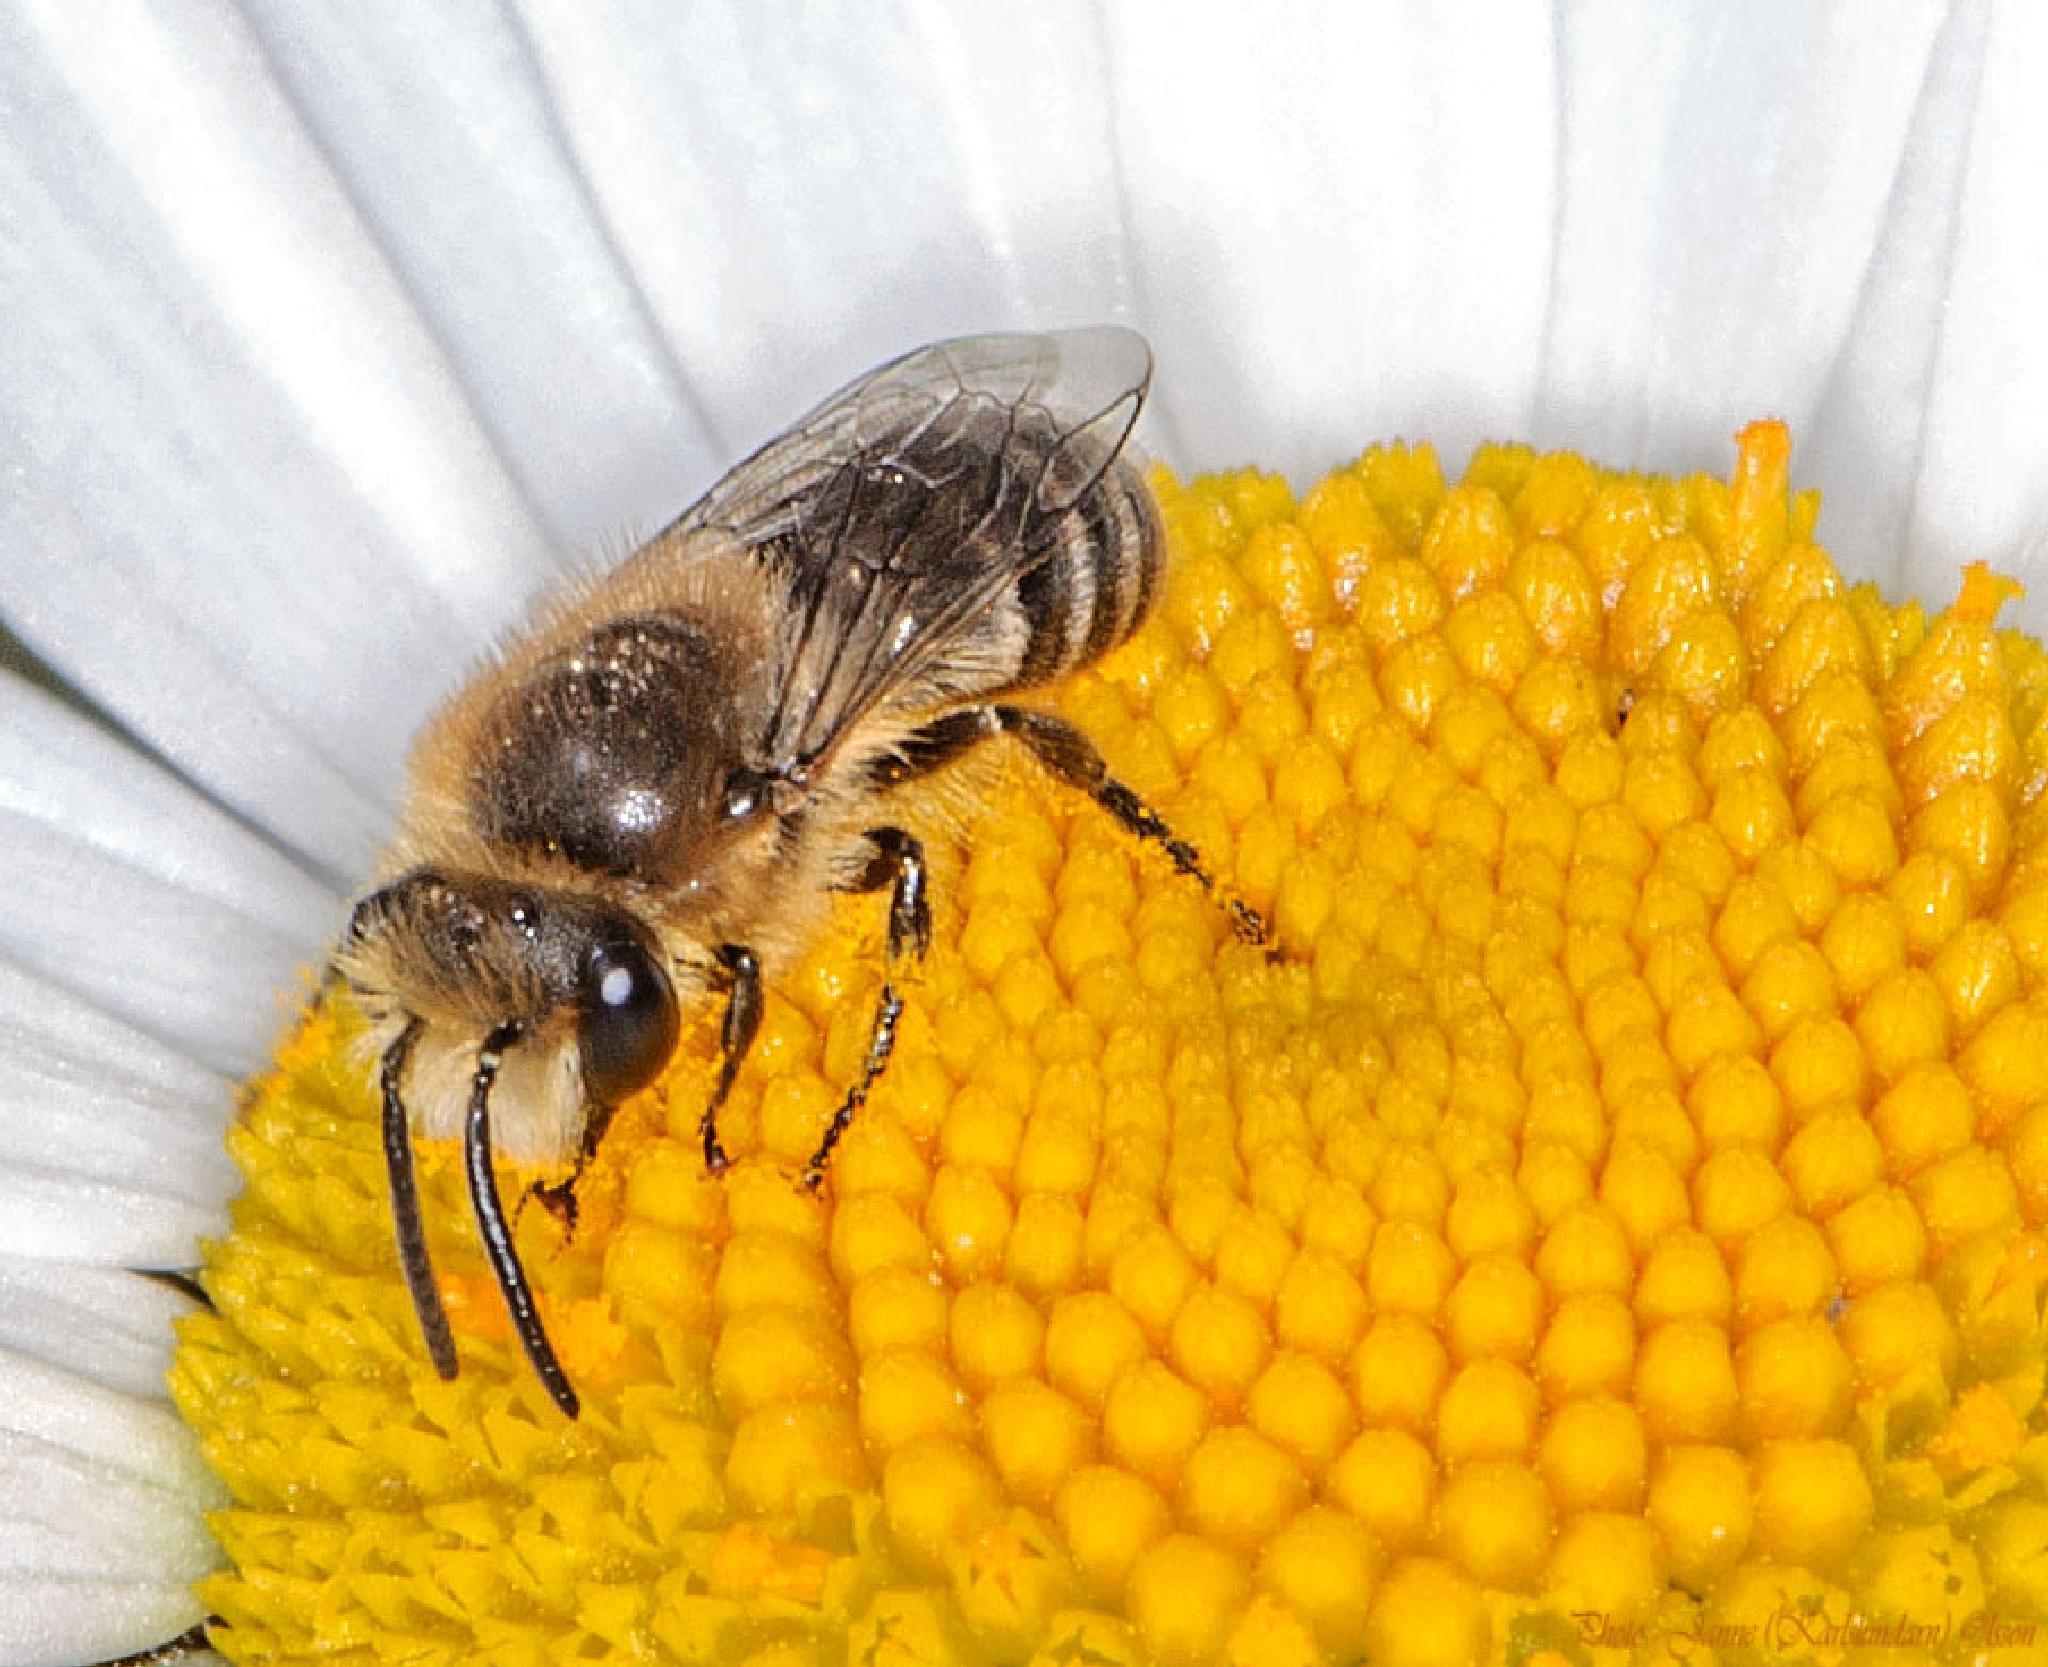 Smalbi (Lasioglossum) by (Karlslundarn)